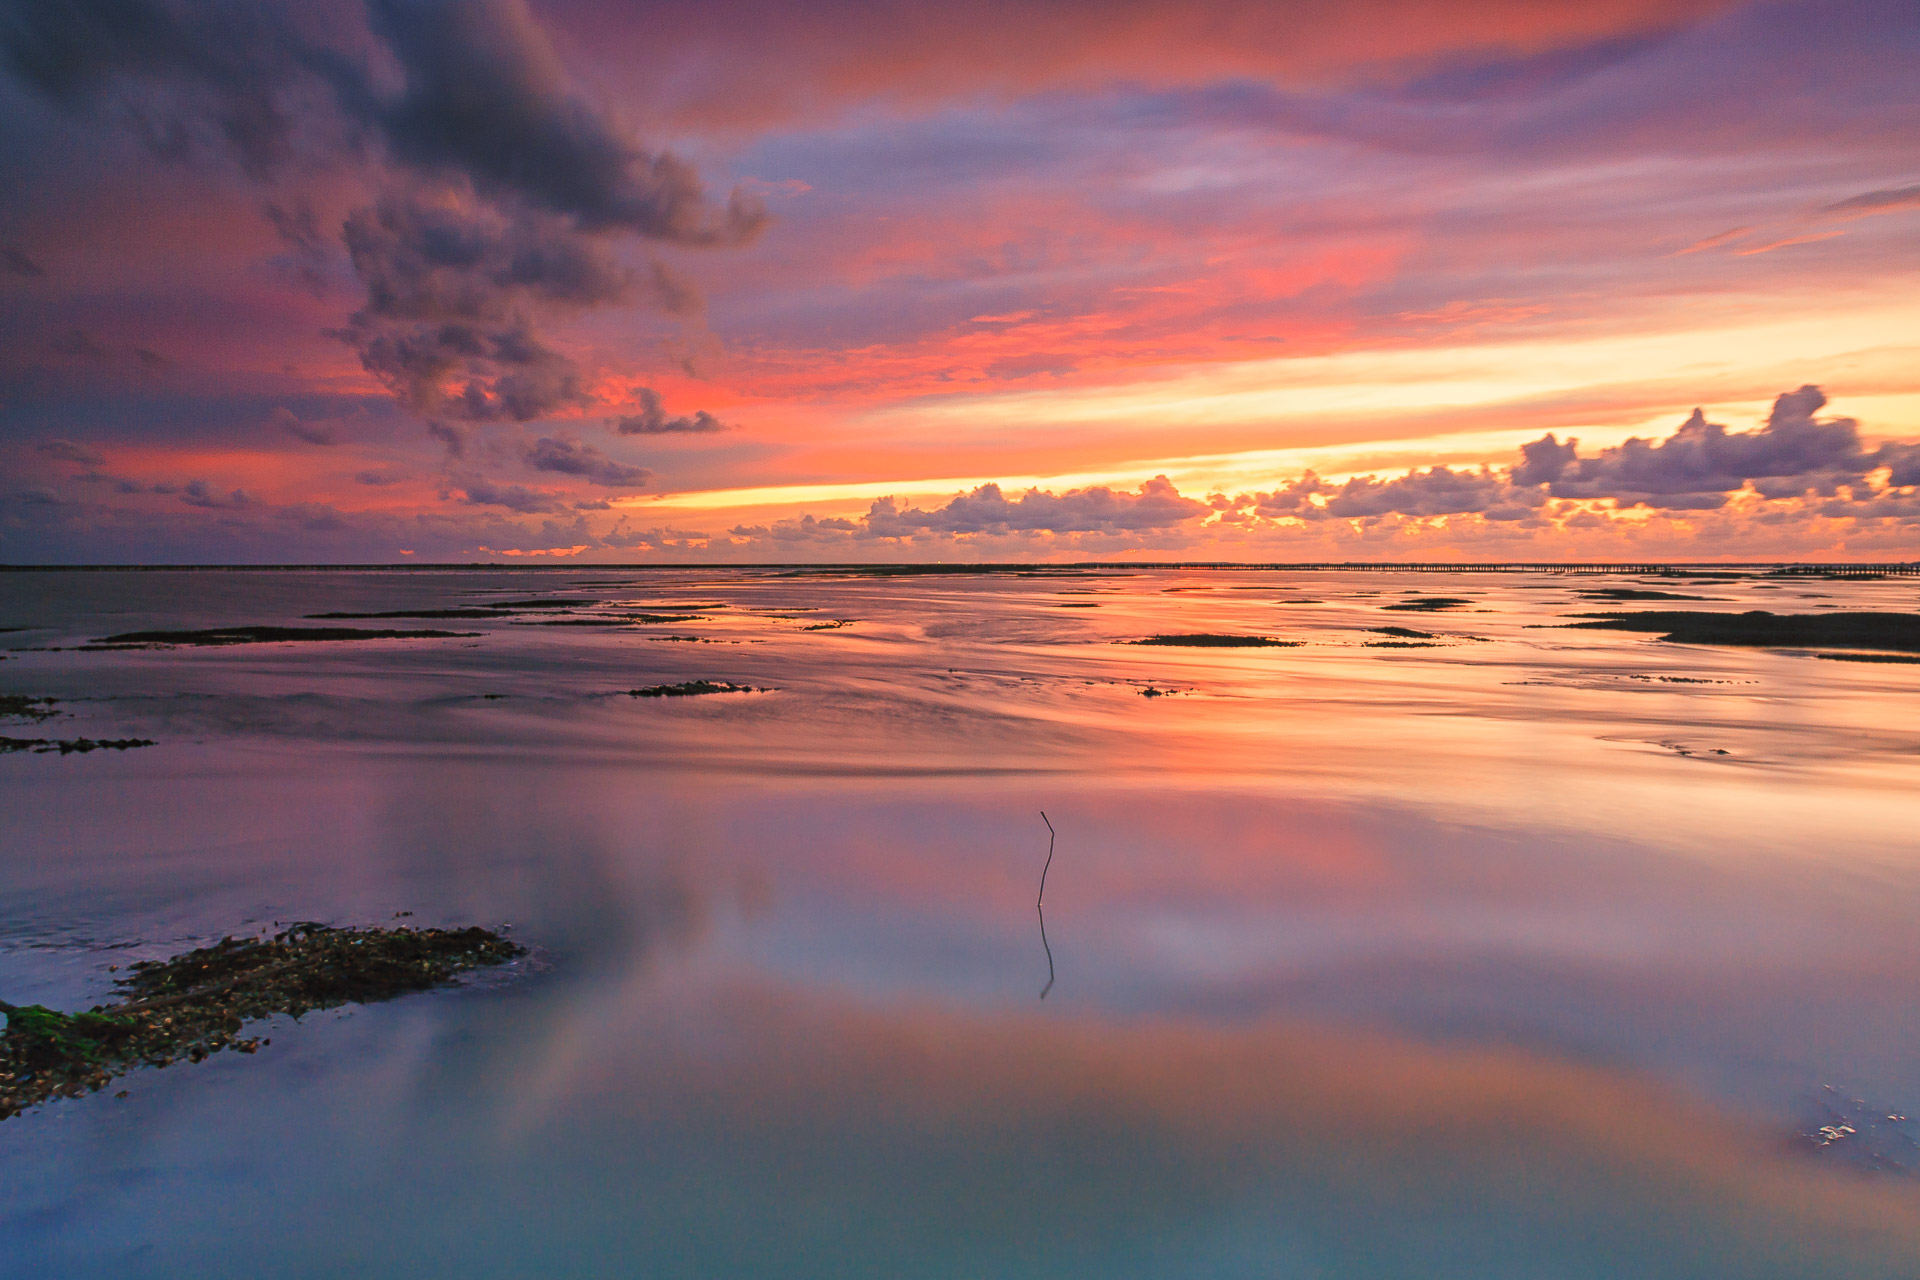 Een spectaculaire zonsondergang boven de Waddenzee bij Ternaard in Friesland - Bas Meelker Landschapsfotografie